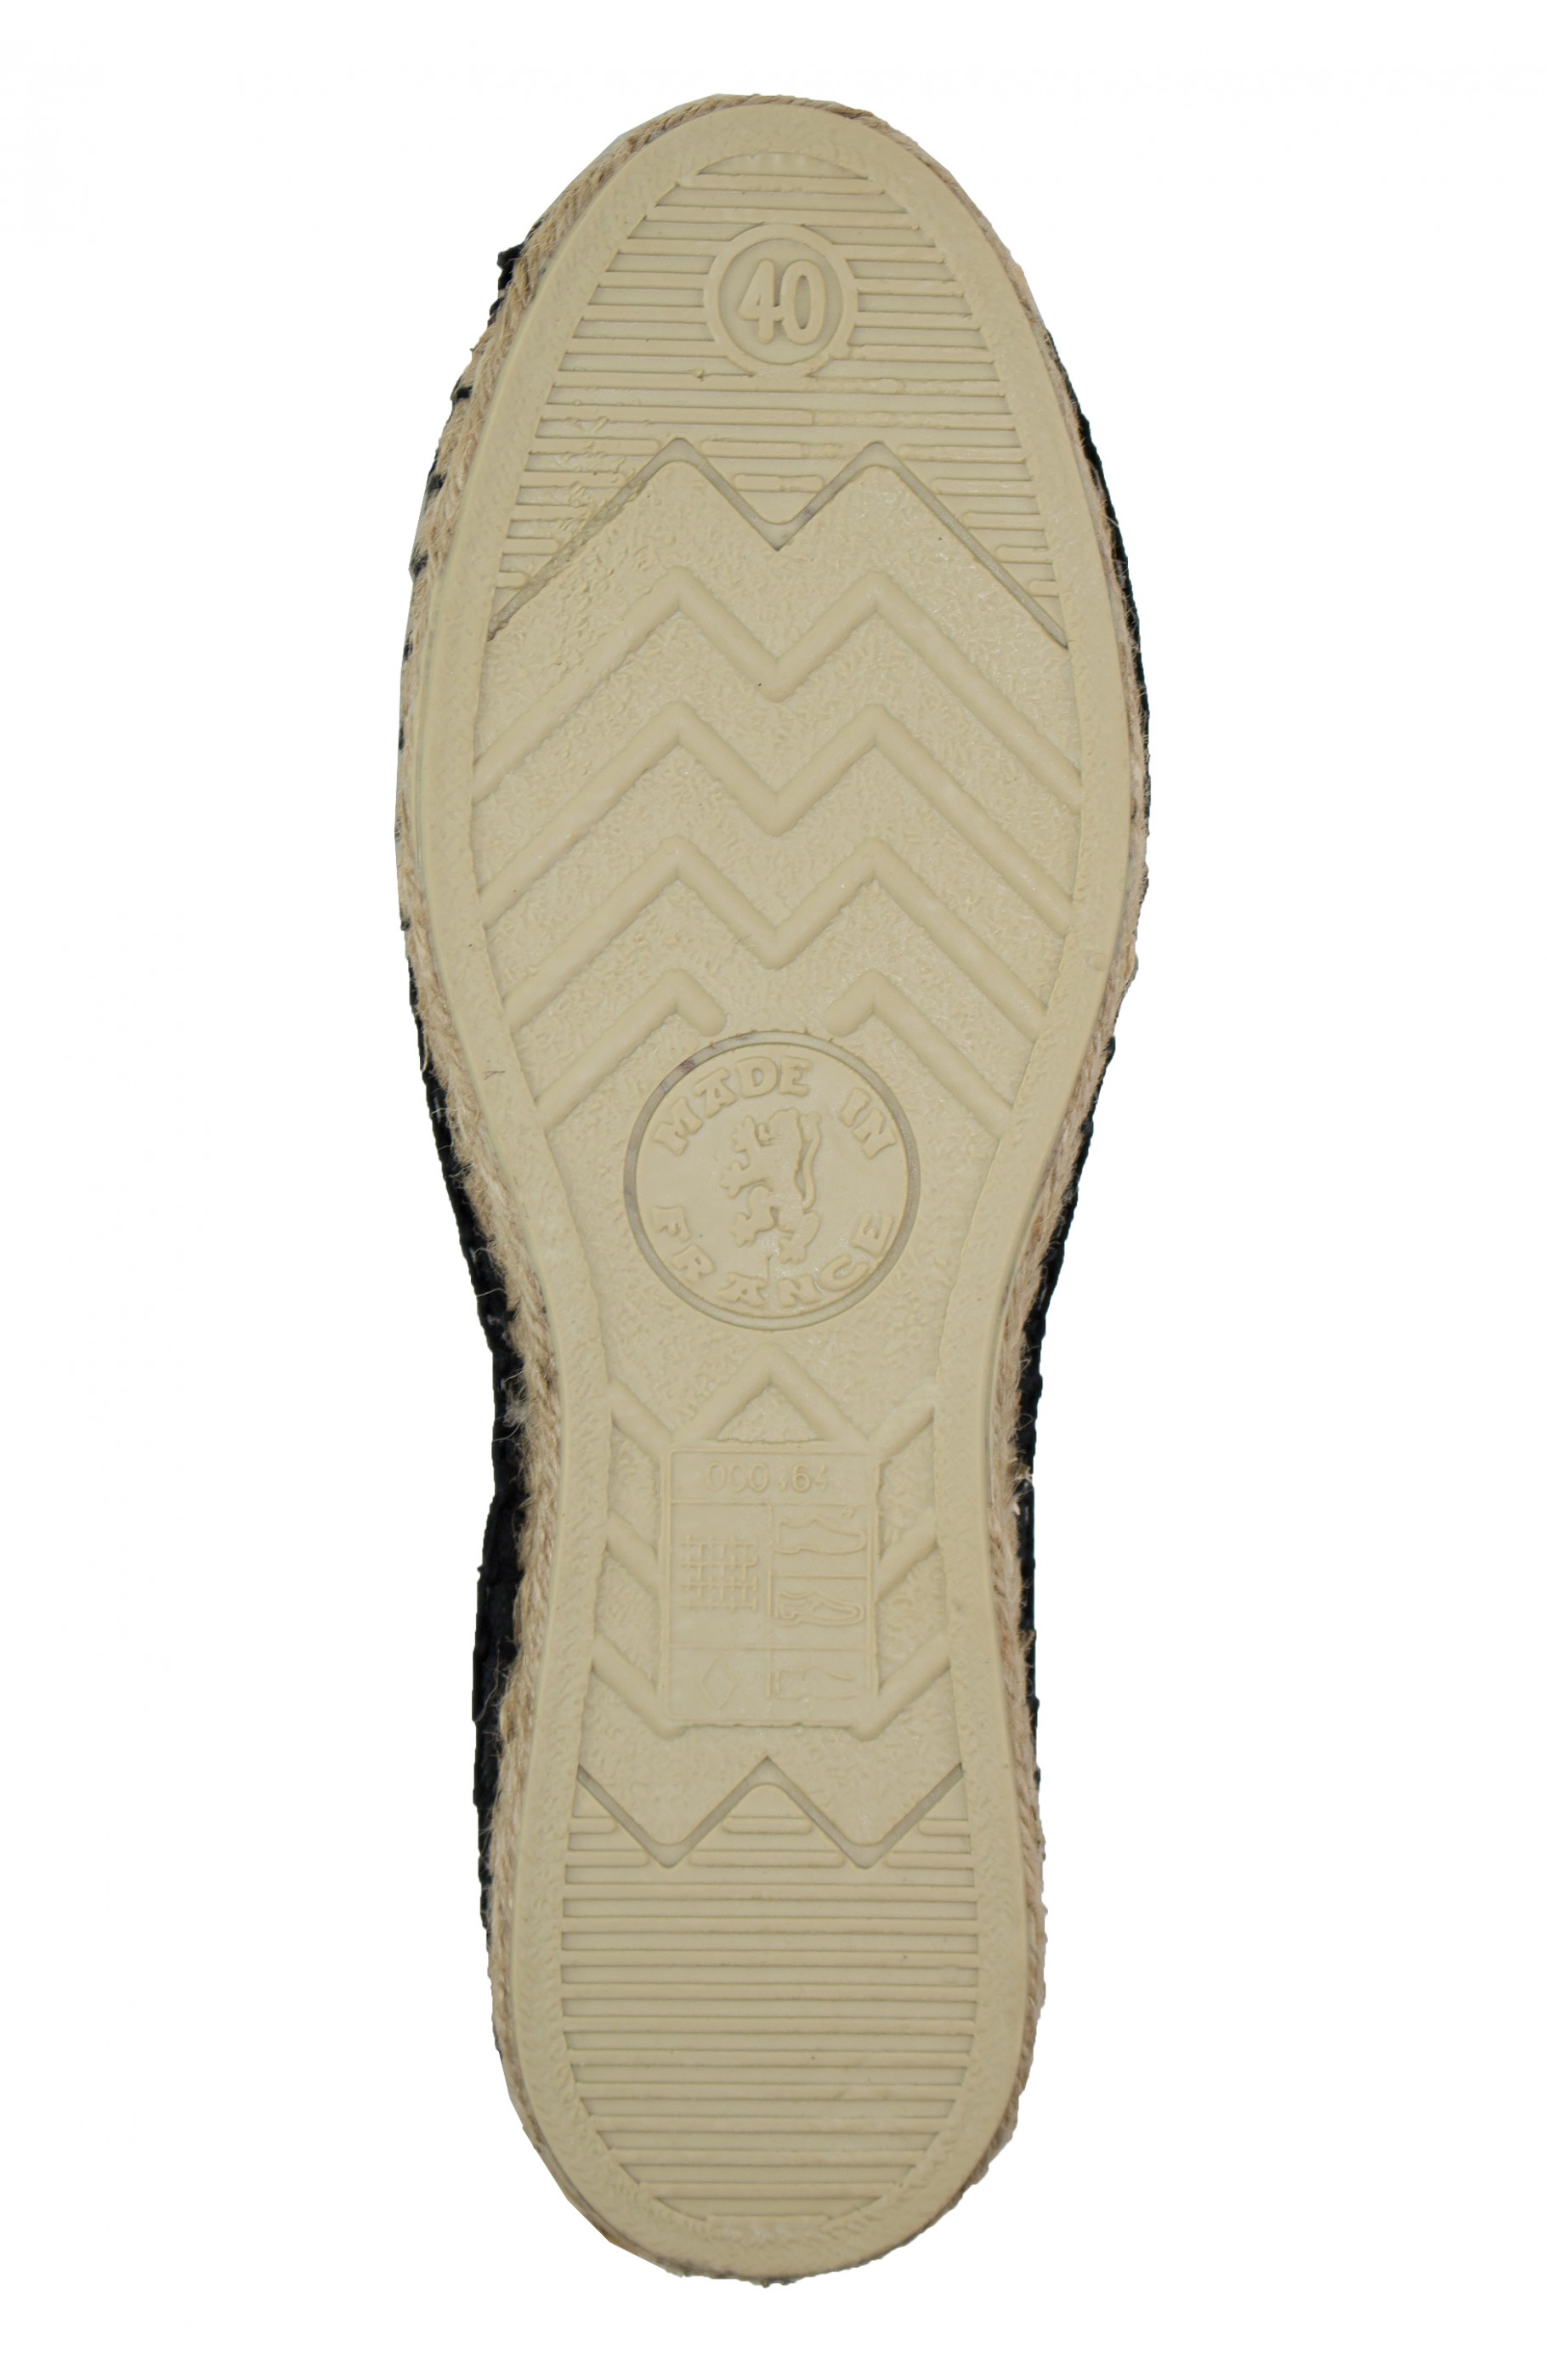 Majesté Couture Paris: MAJESTÉ\'S MARINA ESPADRILLES | Shoes,Shoes > Espadrilles -  Hiphunters Shop